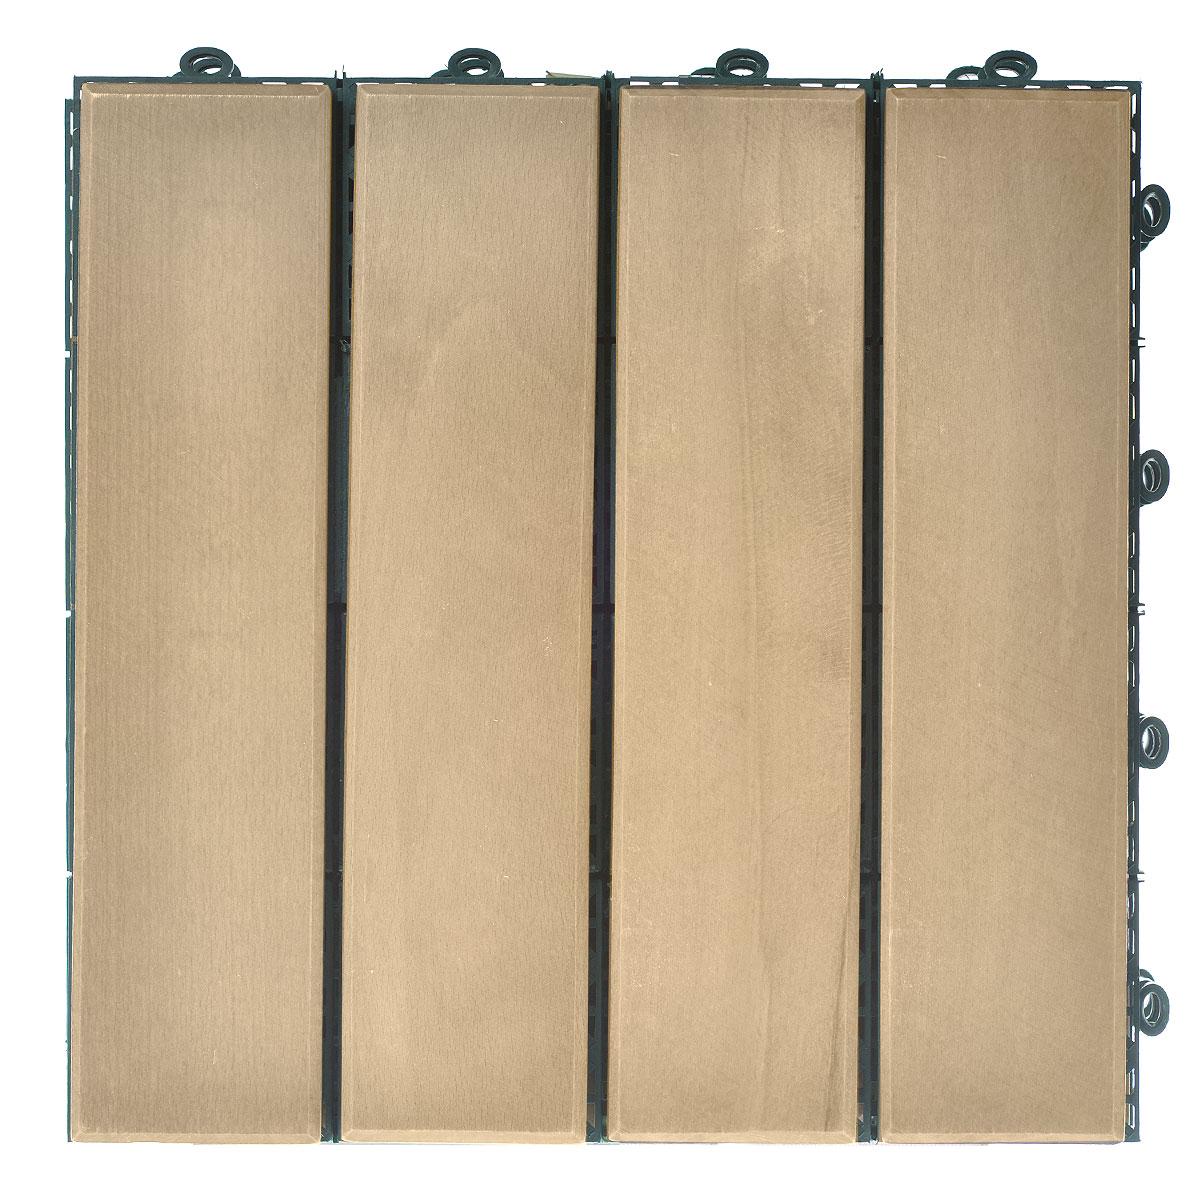 Покрытие Konex Декинг, цвет: бук, 30 см х 30, 4 штПД-БПокрытие Konex Декинг состоит из 4 секций, изготовленных из высококачественного дерева, основа выполненаиз полипропилена.Покрытие предназначено для создания дополнительного (отделочного) слоя пола в различных помещенияхбытового и хозяйственного назначения (коридоры, веранды, сауны и бани, ванные комнаты, балконы), а также длябыстрого обустройства открытых площадок и дорожек (спортивные и детские площадки, зоны отдыха, садовыедорожки, террасы, палубы, причалы, бассейны) на подготовленных площадях. Размер секции: 30 см х 30 см х 3 см. Количество секций: 4 шт.